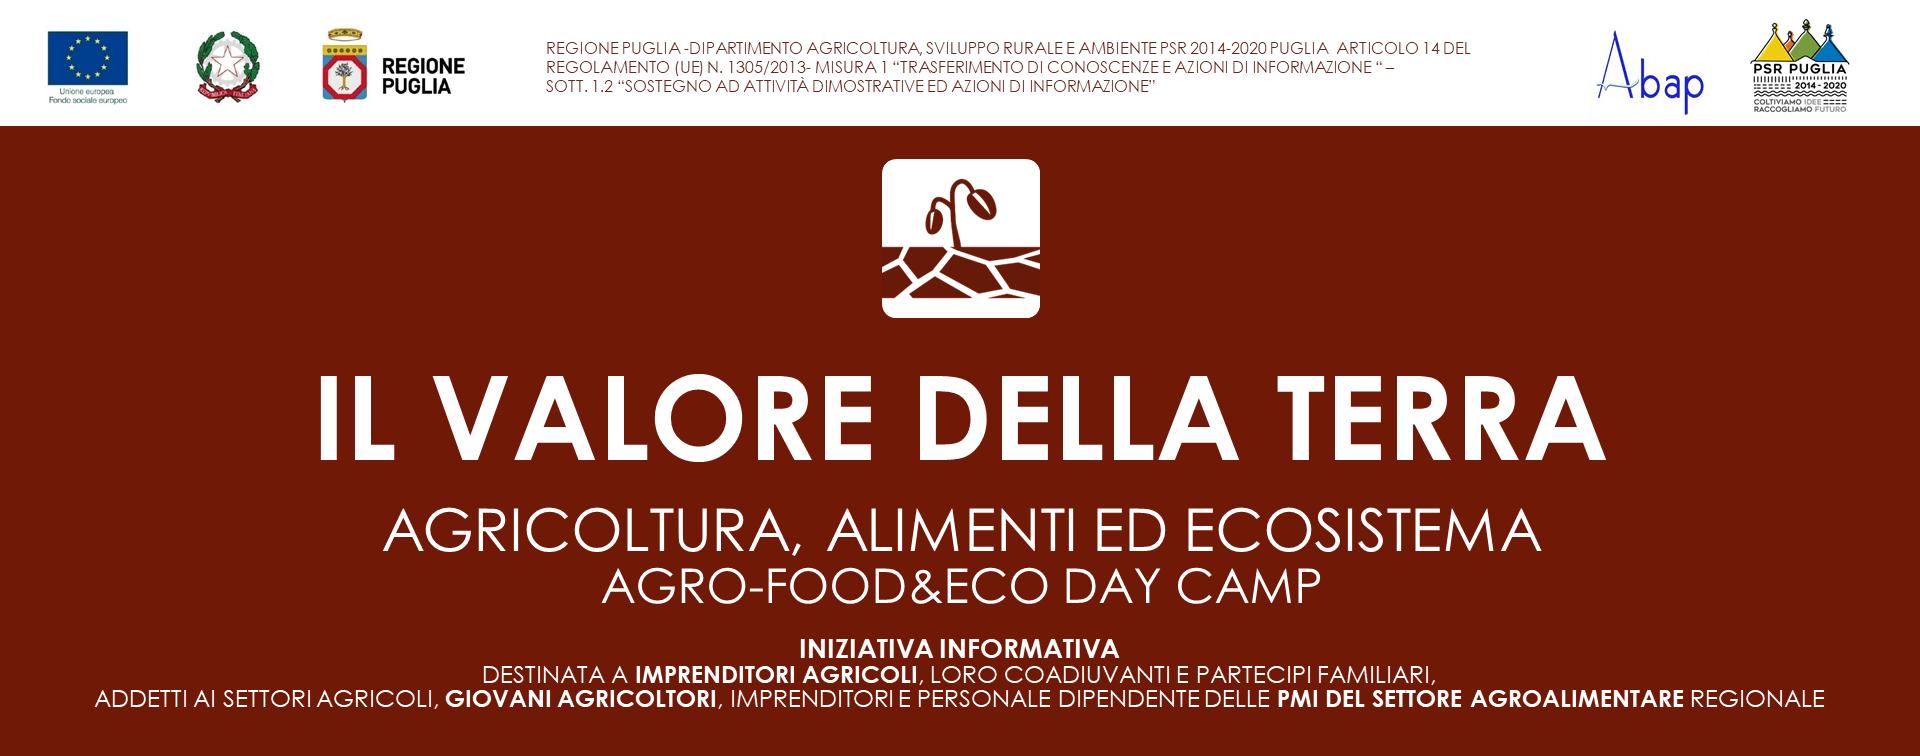 banner-valore-della-terra_psr_sito